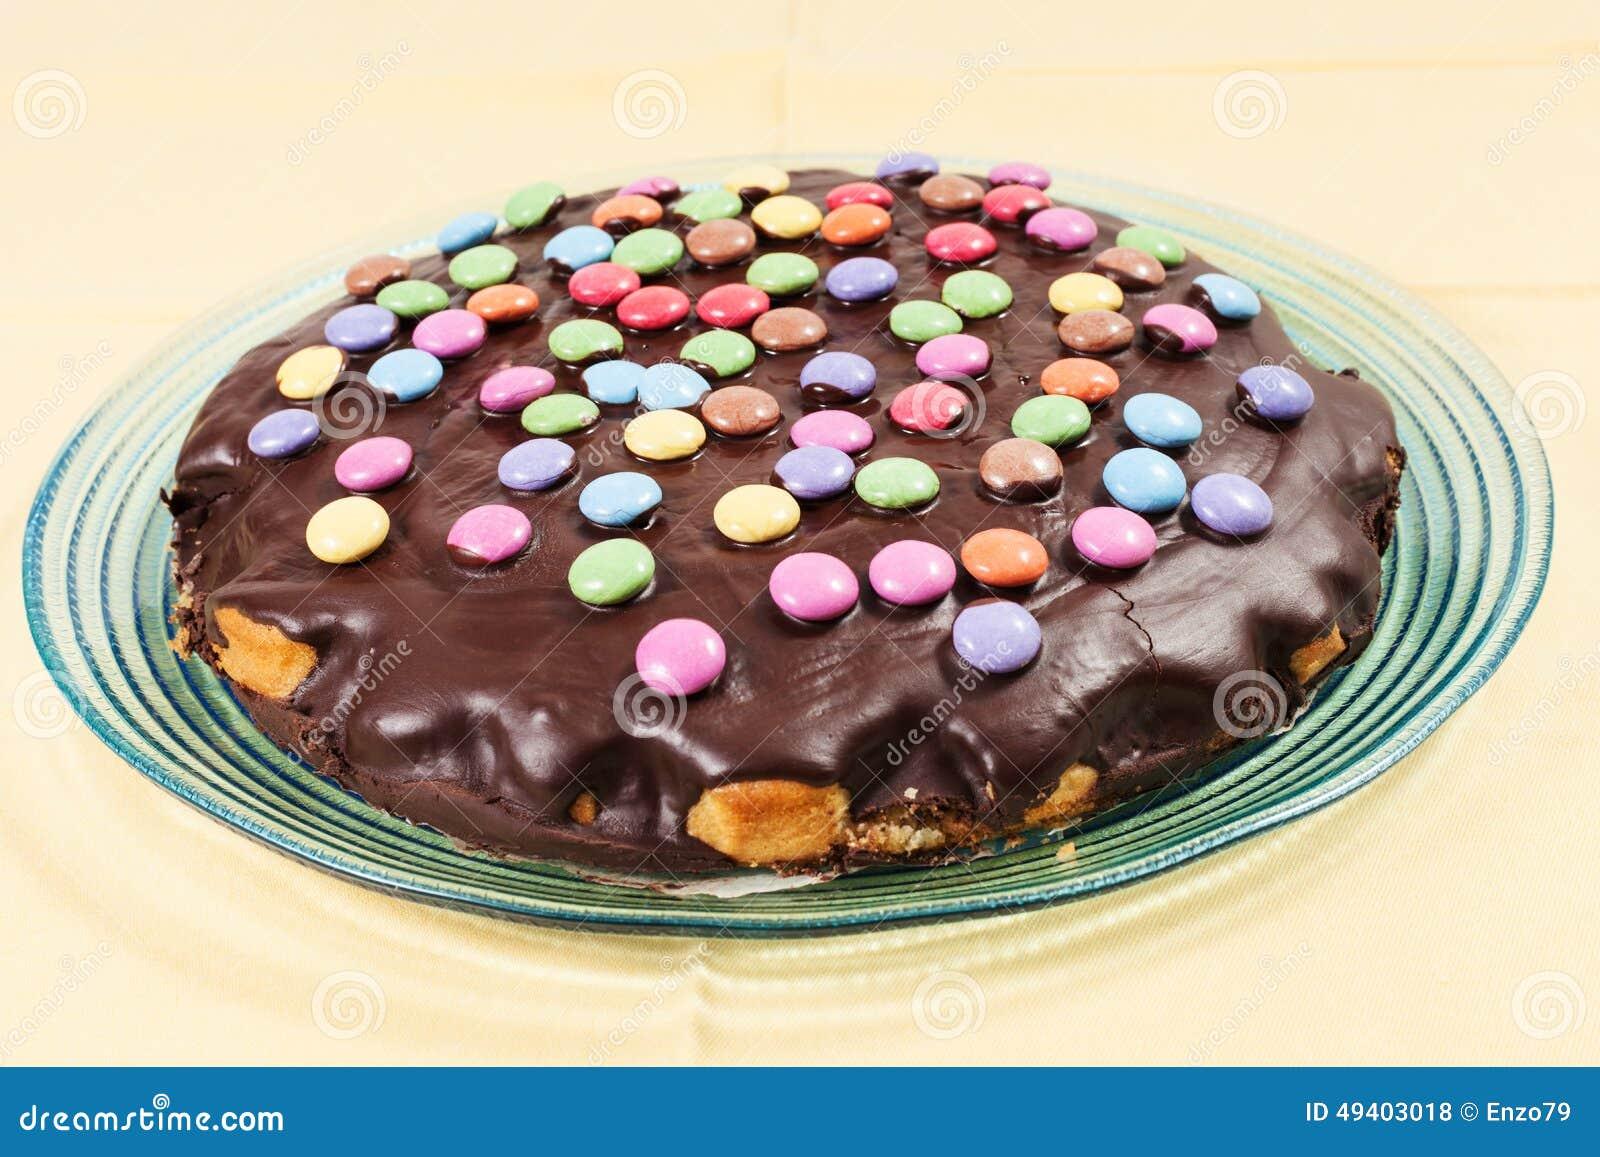 Download Schokoladenkuchen Mit Alleswissern Stockfoto - Bild von vereisung, kalorien: 49403018